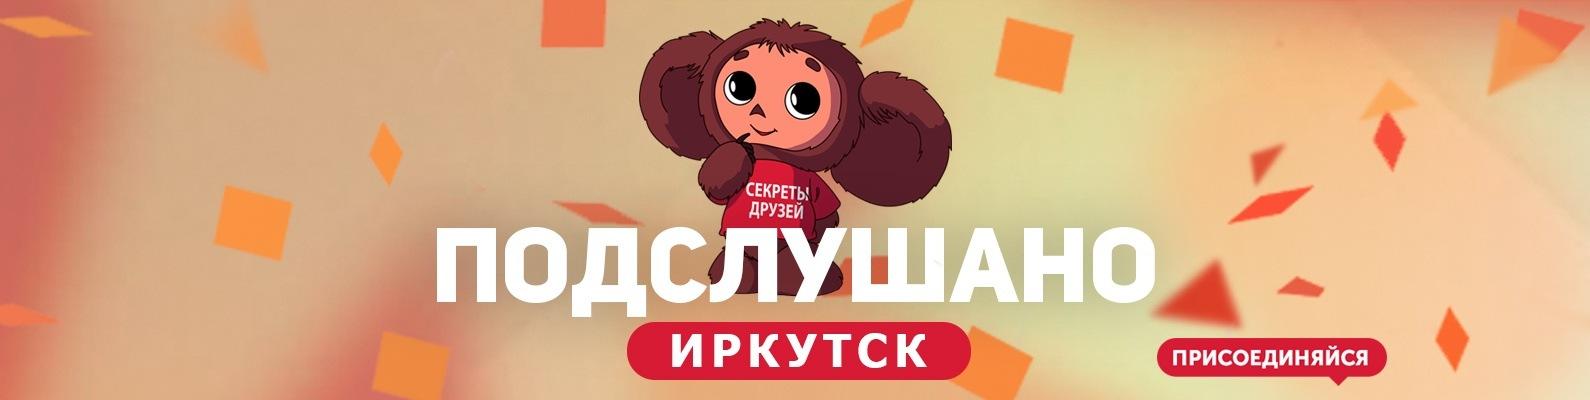 Сучки иркутск